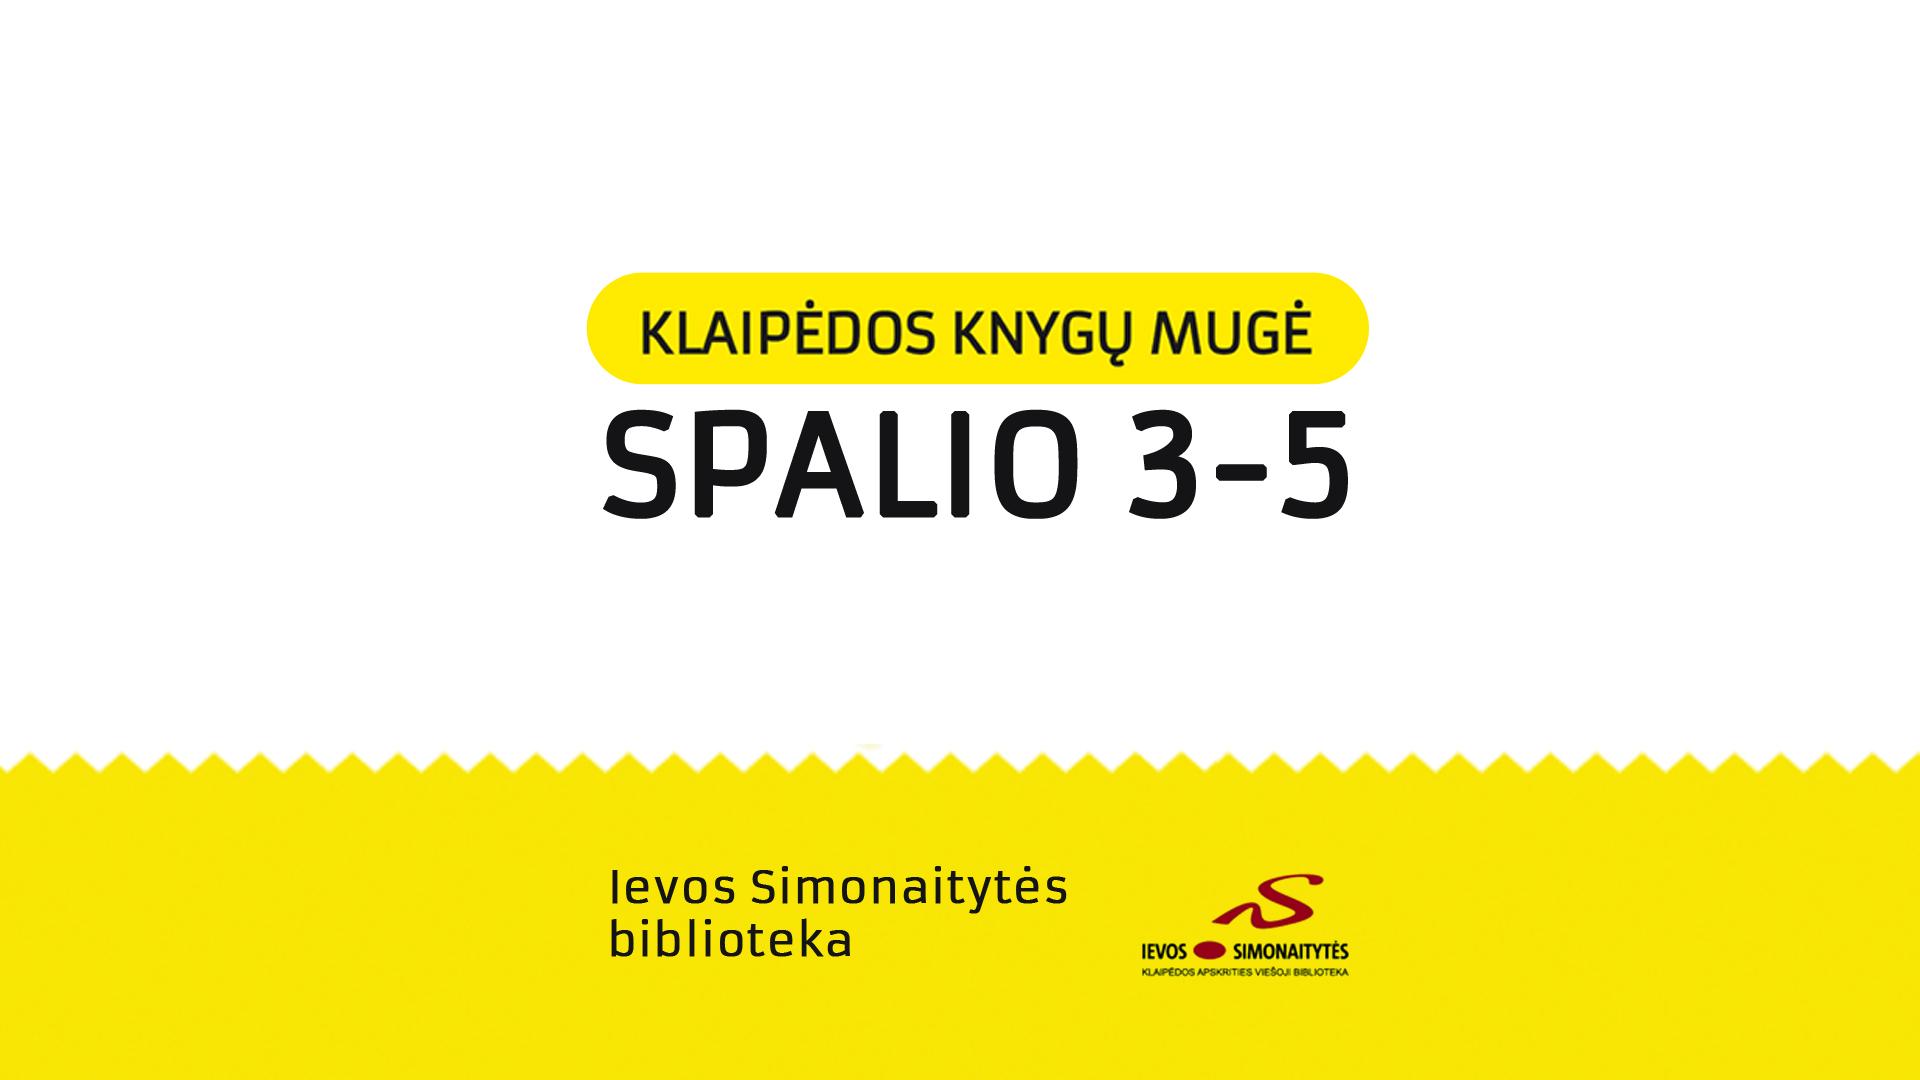 Klaipėdos Knygų mugė 2020, ZAK MEDIA WORKS, reklamos filmavimas, video paslaugos, video filmavimas